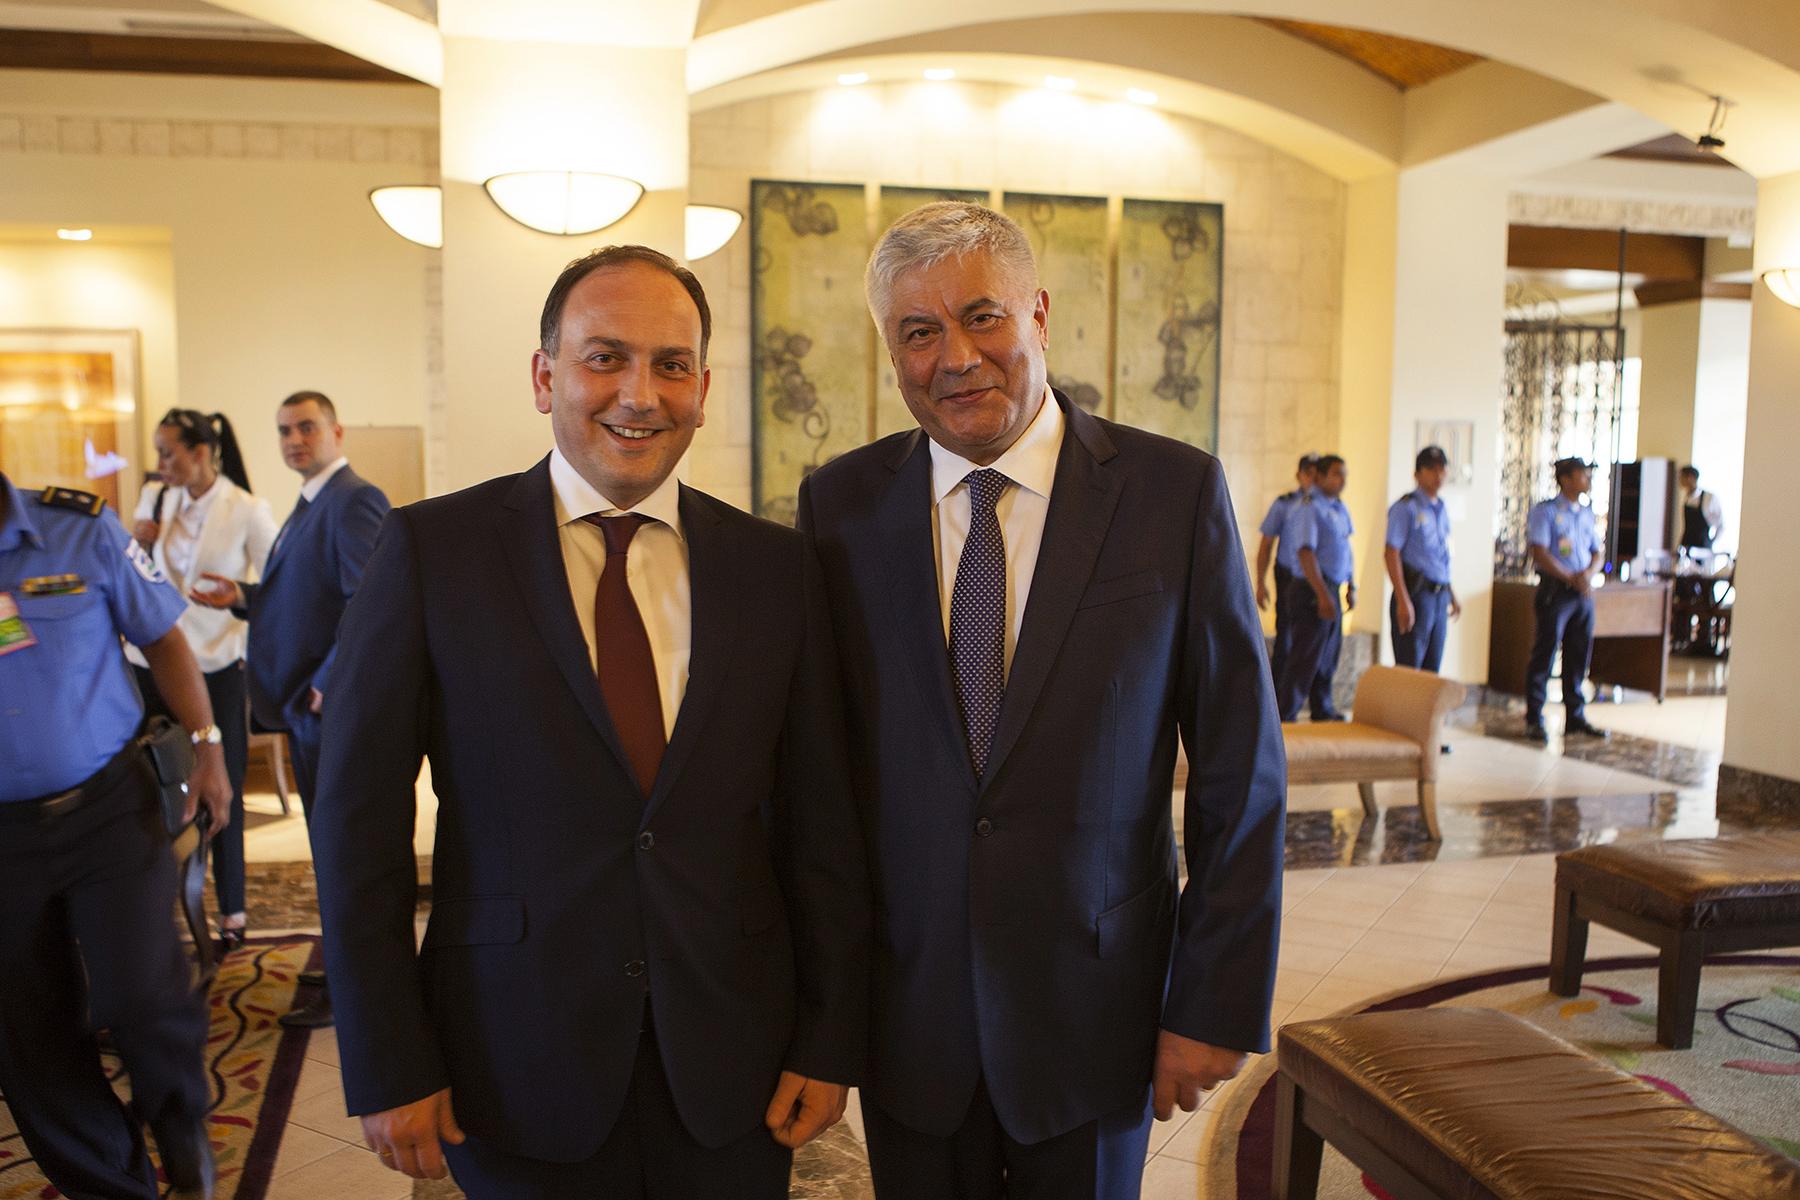 Министр иностранных дел Республики Абхазия Даур Кове и Министр внутренних дел России Владимир Колокольцев